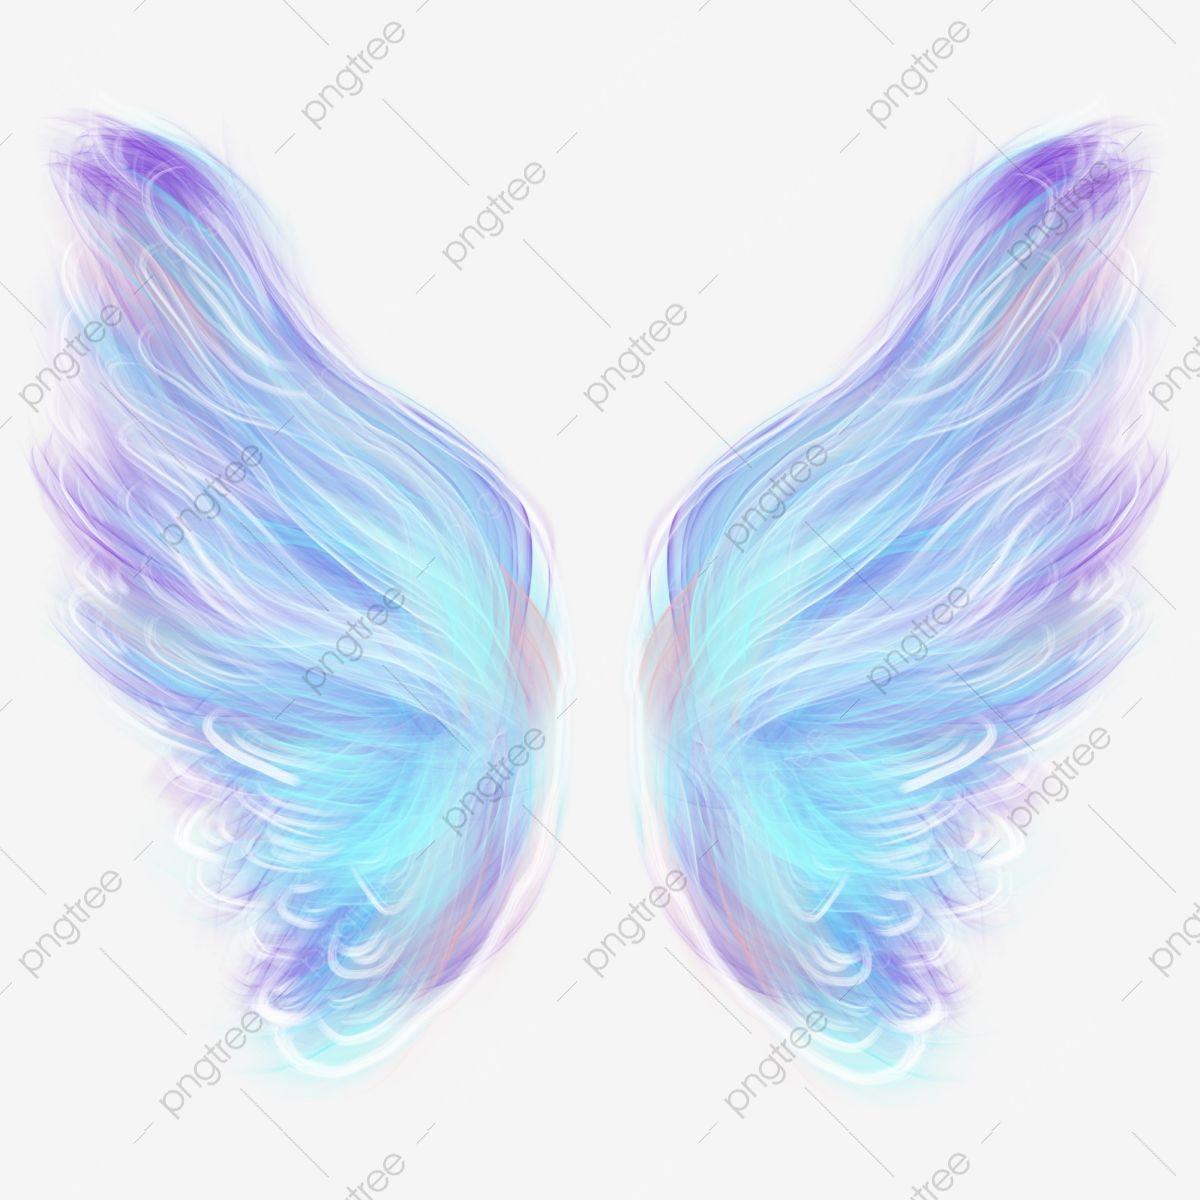 Wings Angel Wings Glowing Cool Wings Wings Angel Wings Glowing